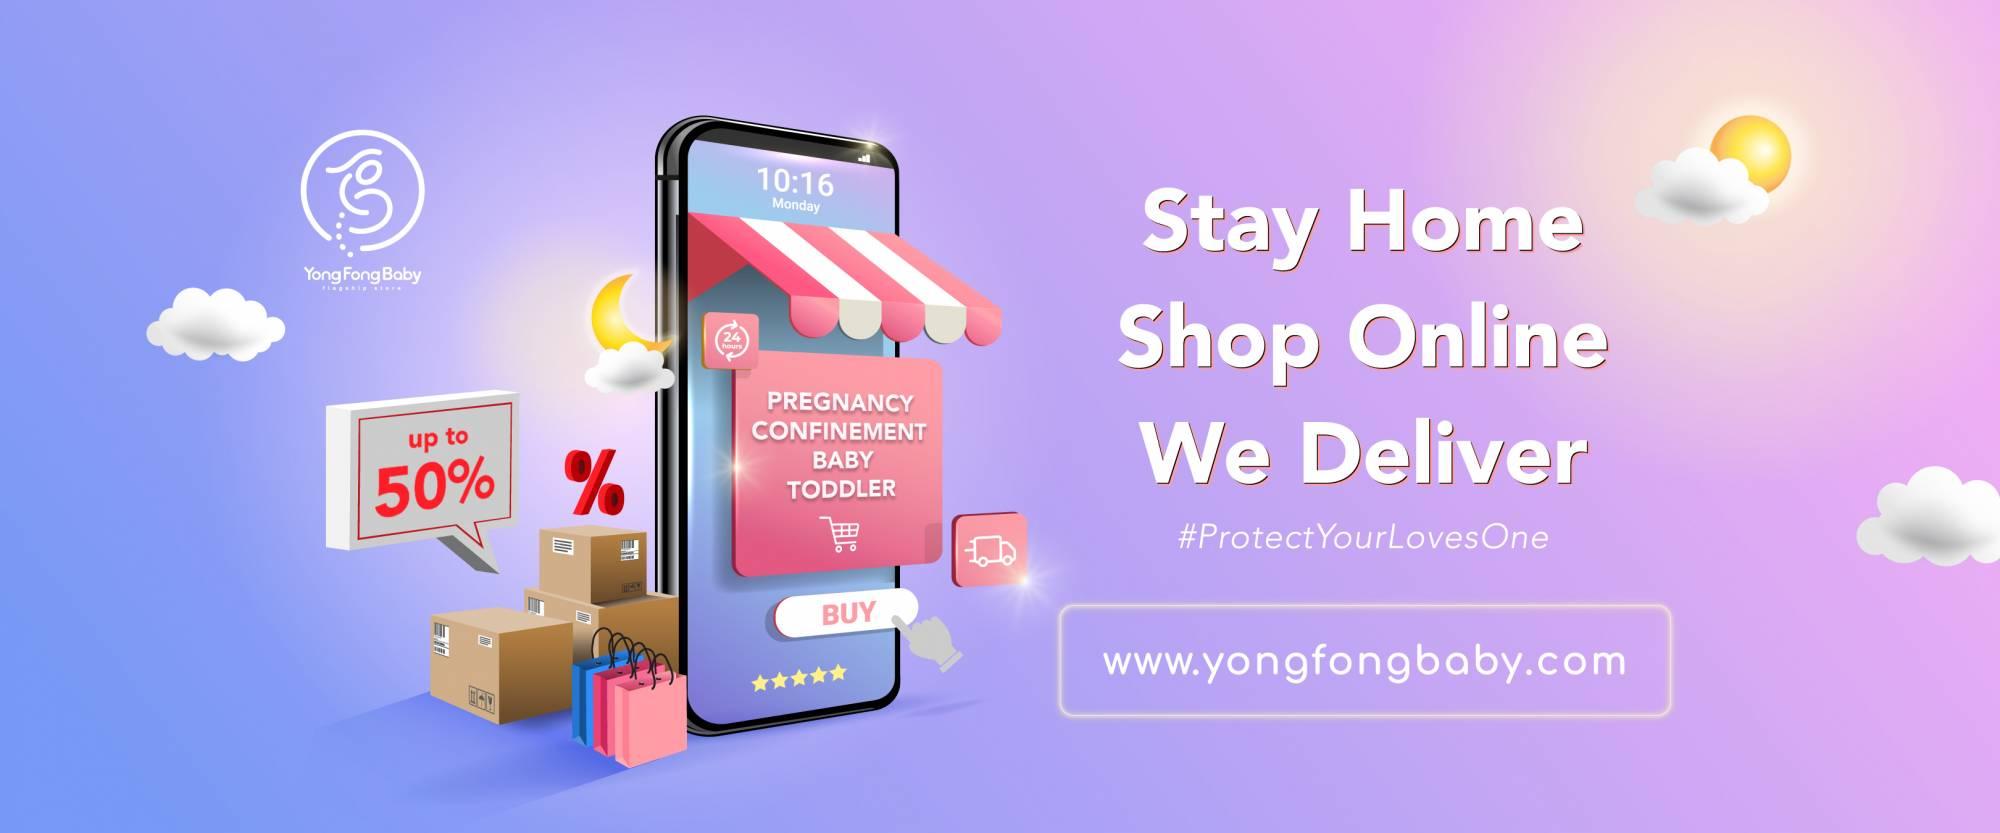 Stay Safe Shop Online